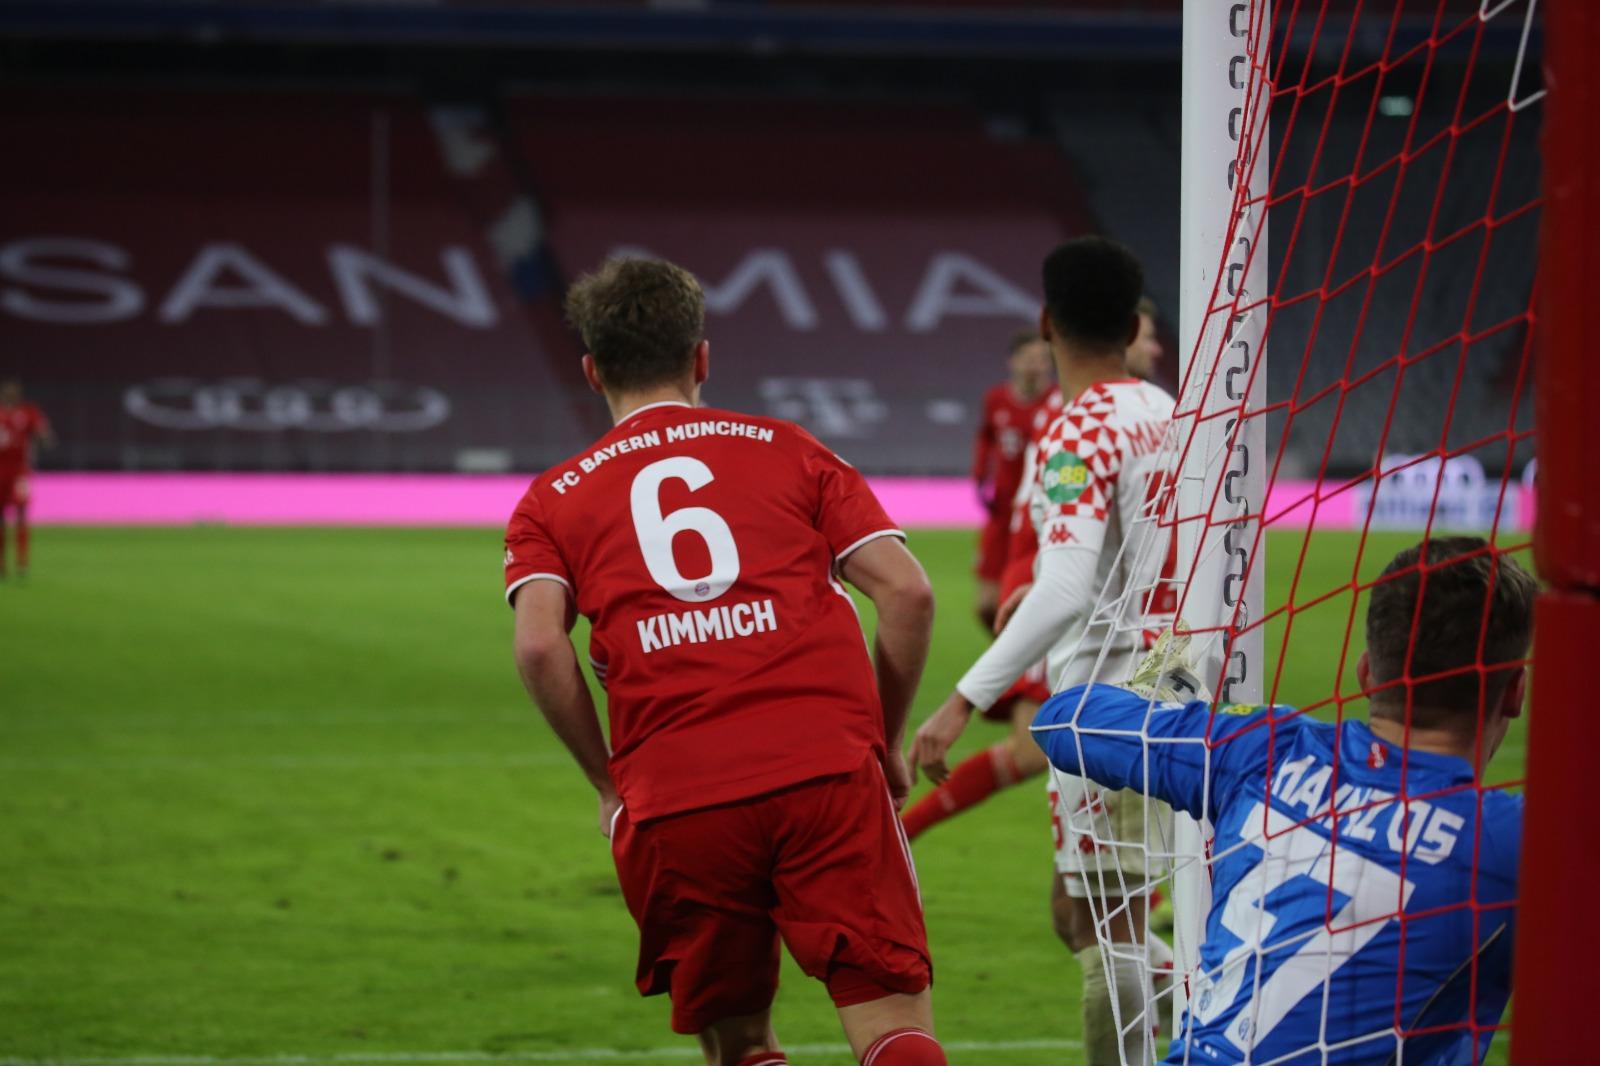 动图表情包:莱万基米希头球障碍赛破门,拜仁扳回一城